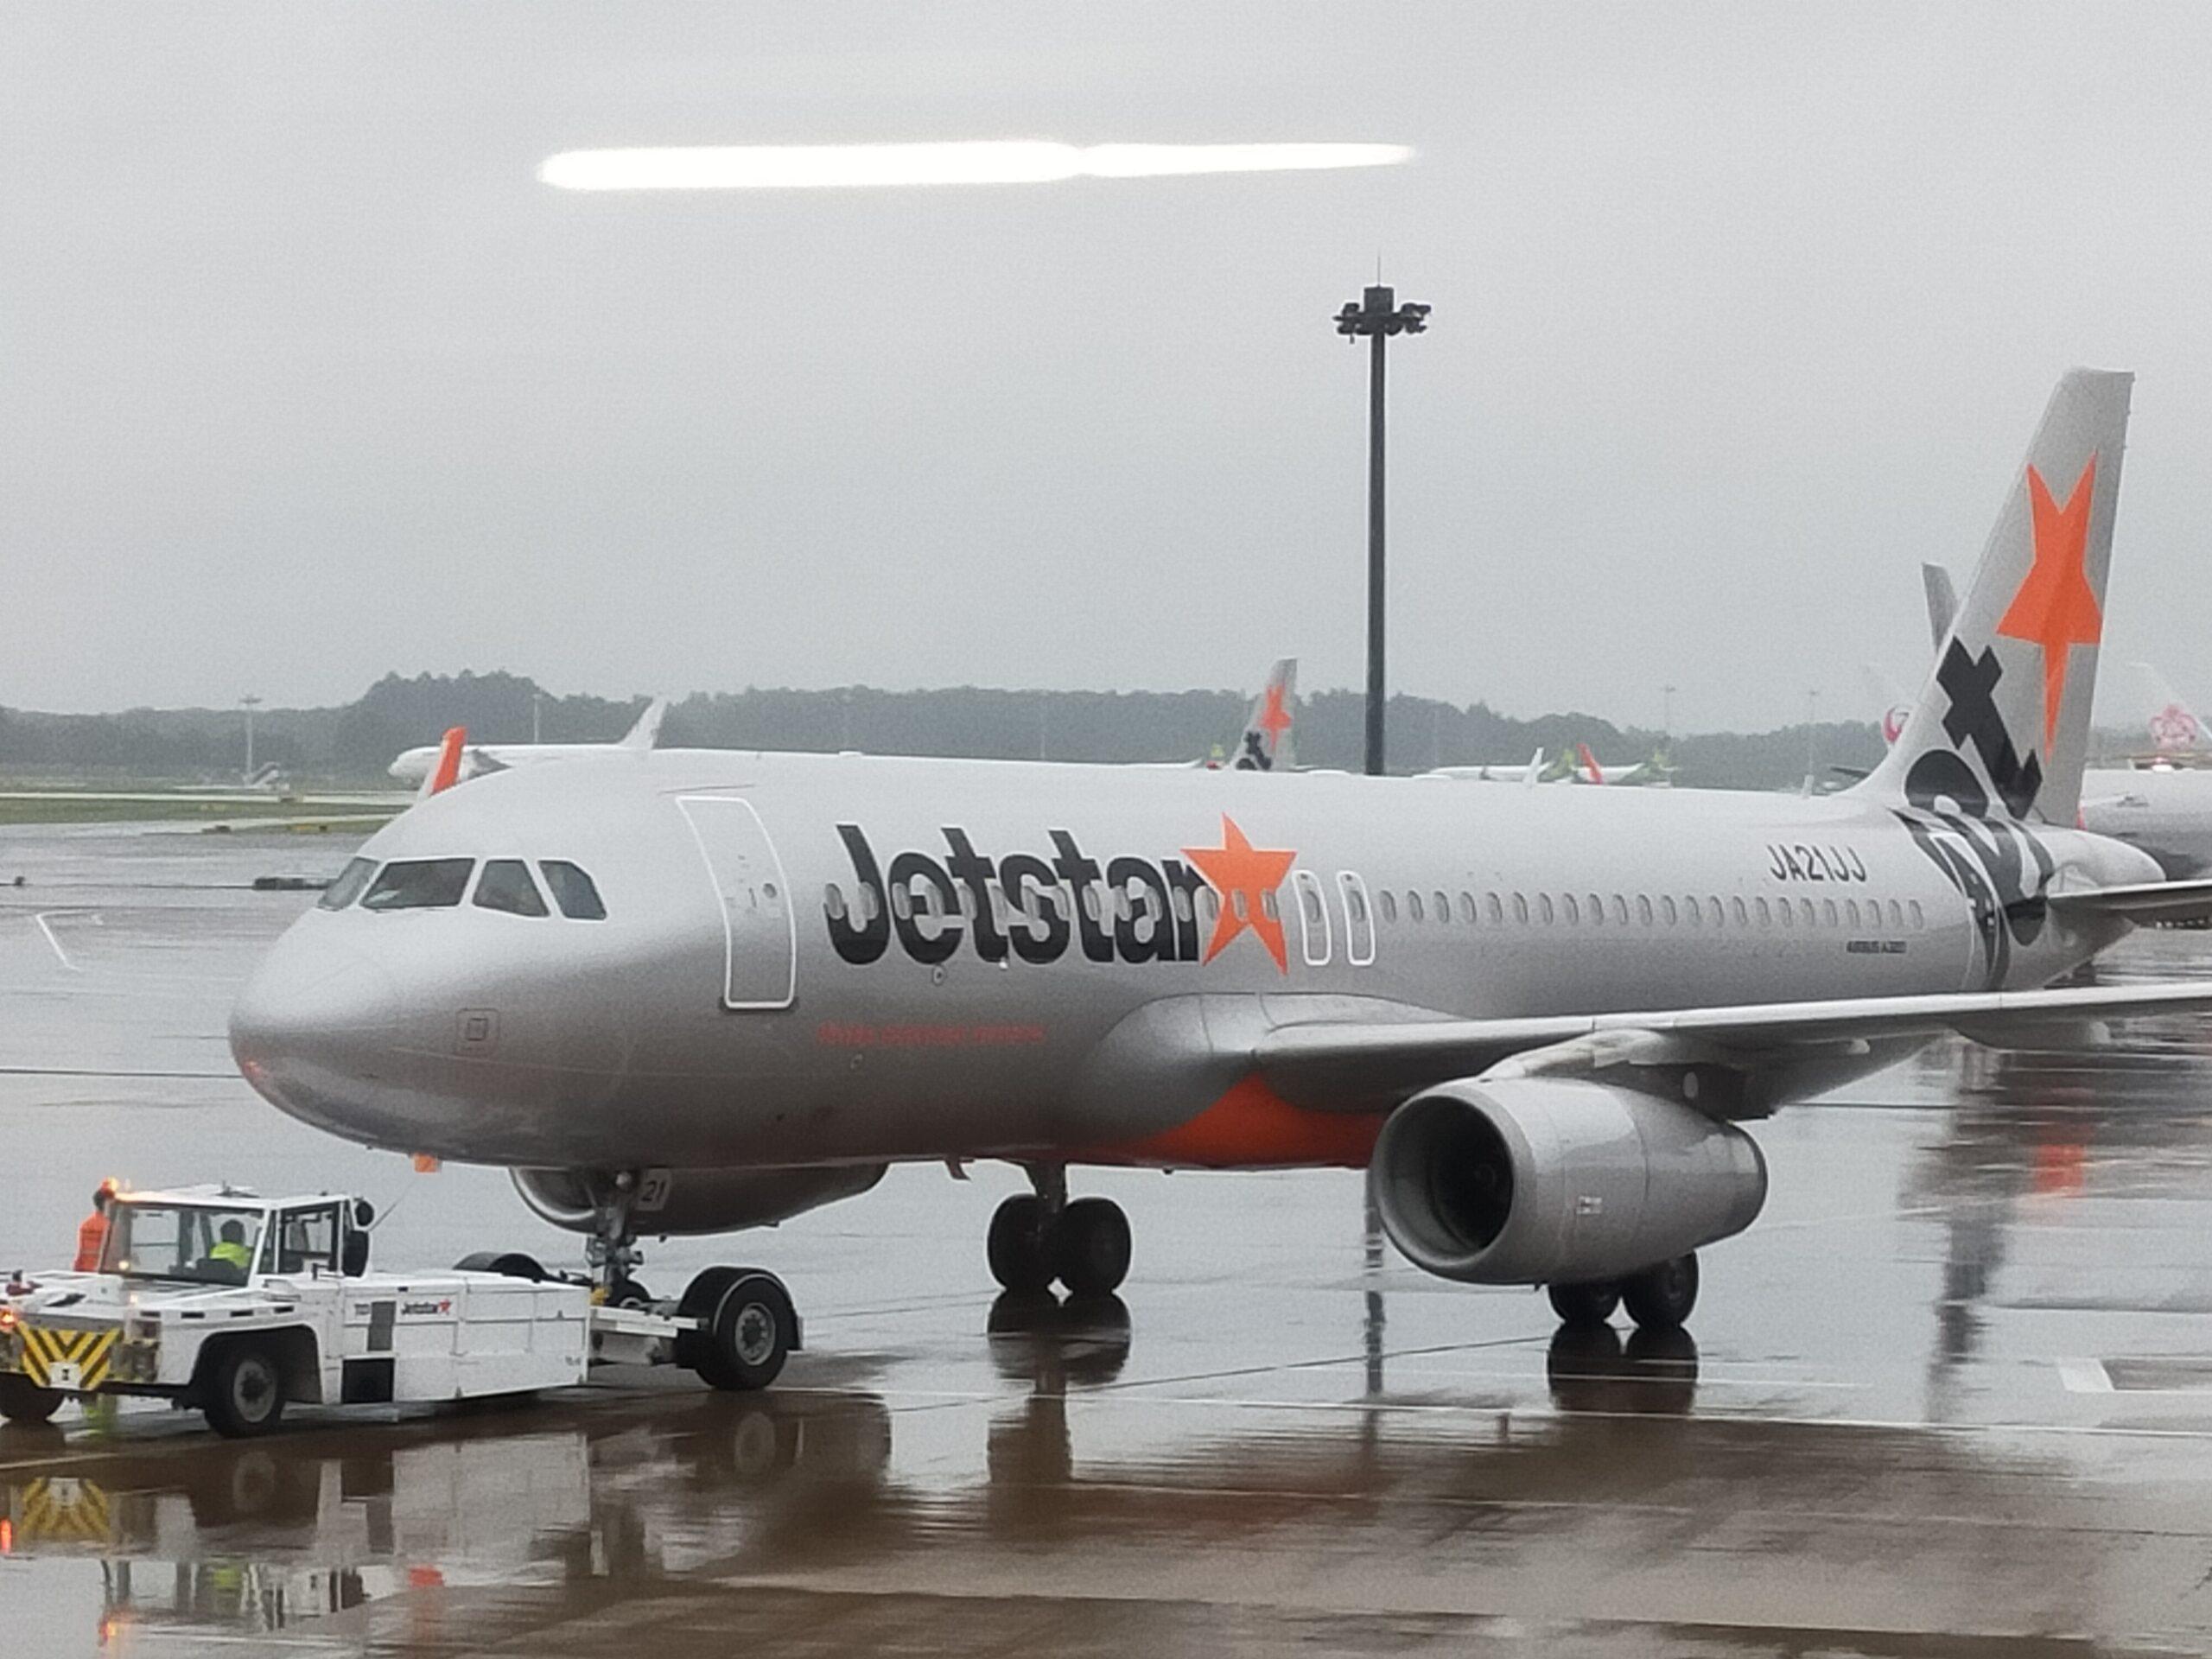 ジェットスターの飛行機の画像